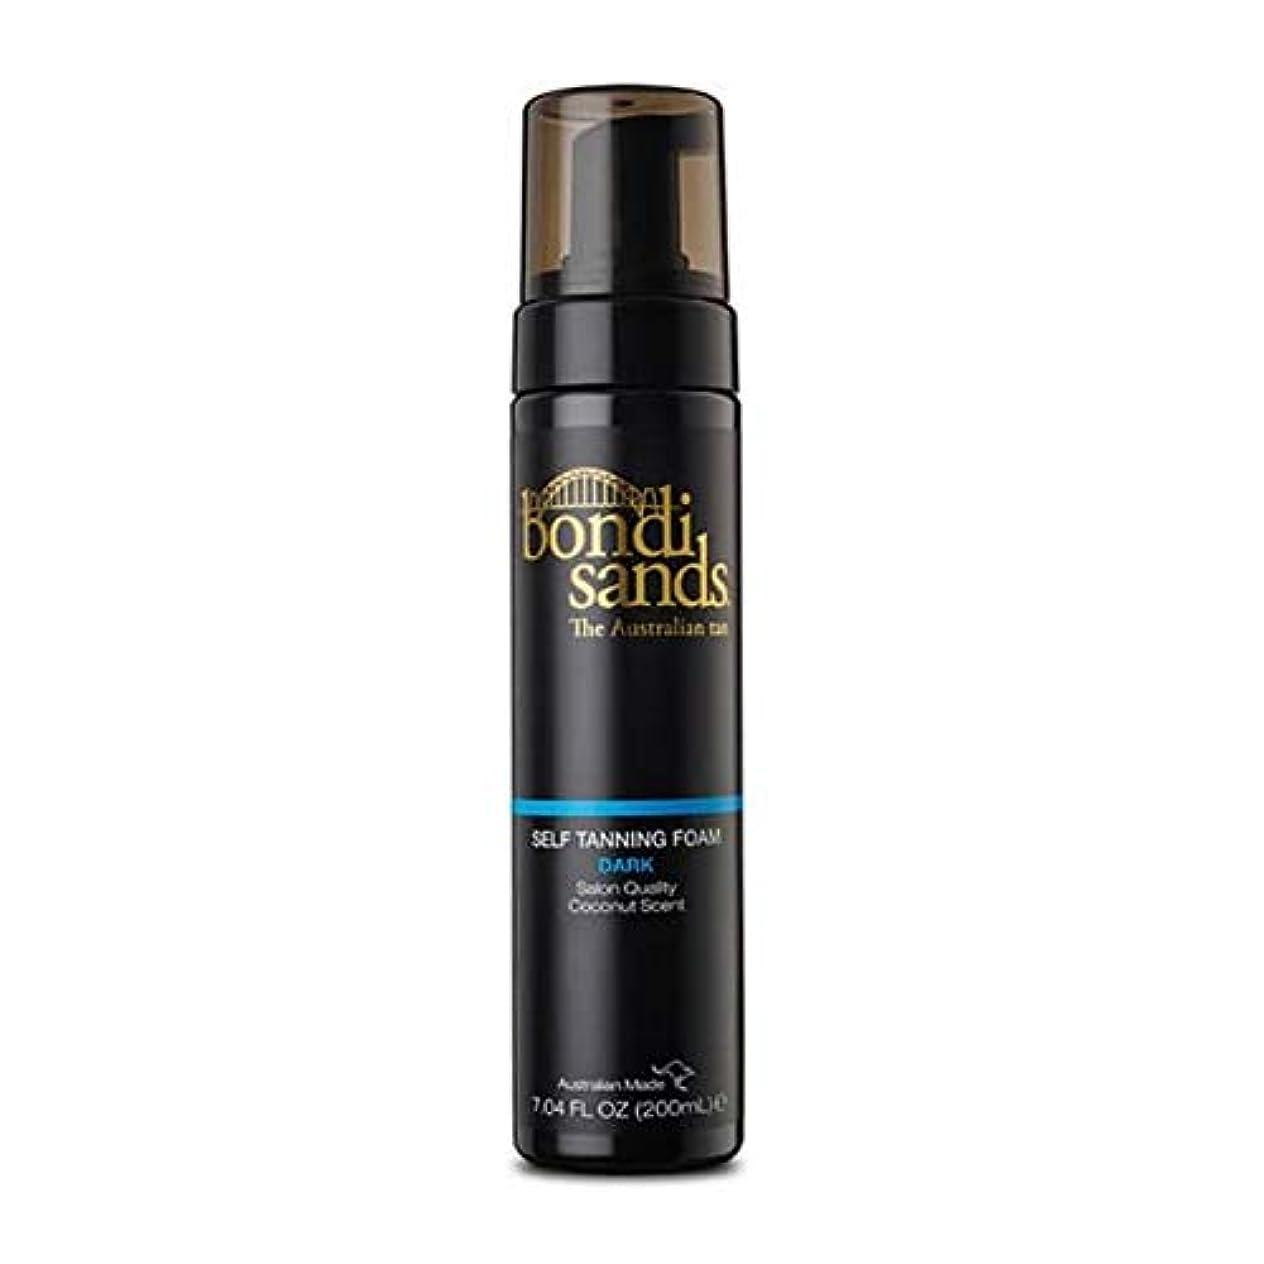 敷居抜本的なタイピスト[Bondi Sands ] ボンダイ砂セルフタンニングフォームダーク200ミリリットル - Bondi Sands Self tanning Foam Dark 200ml [並行輸入品]